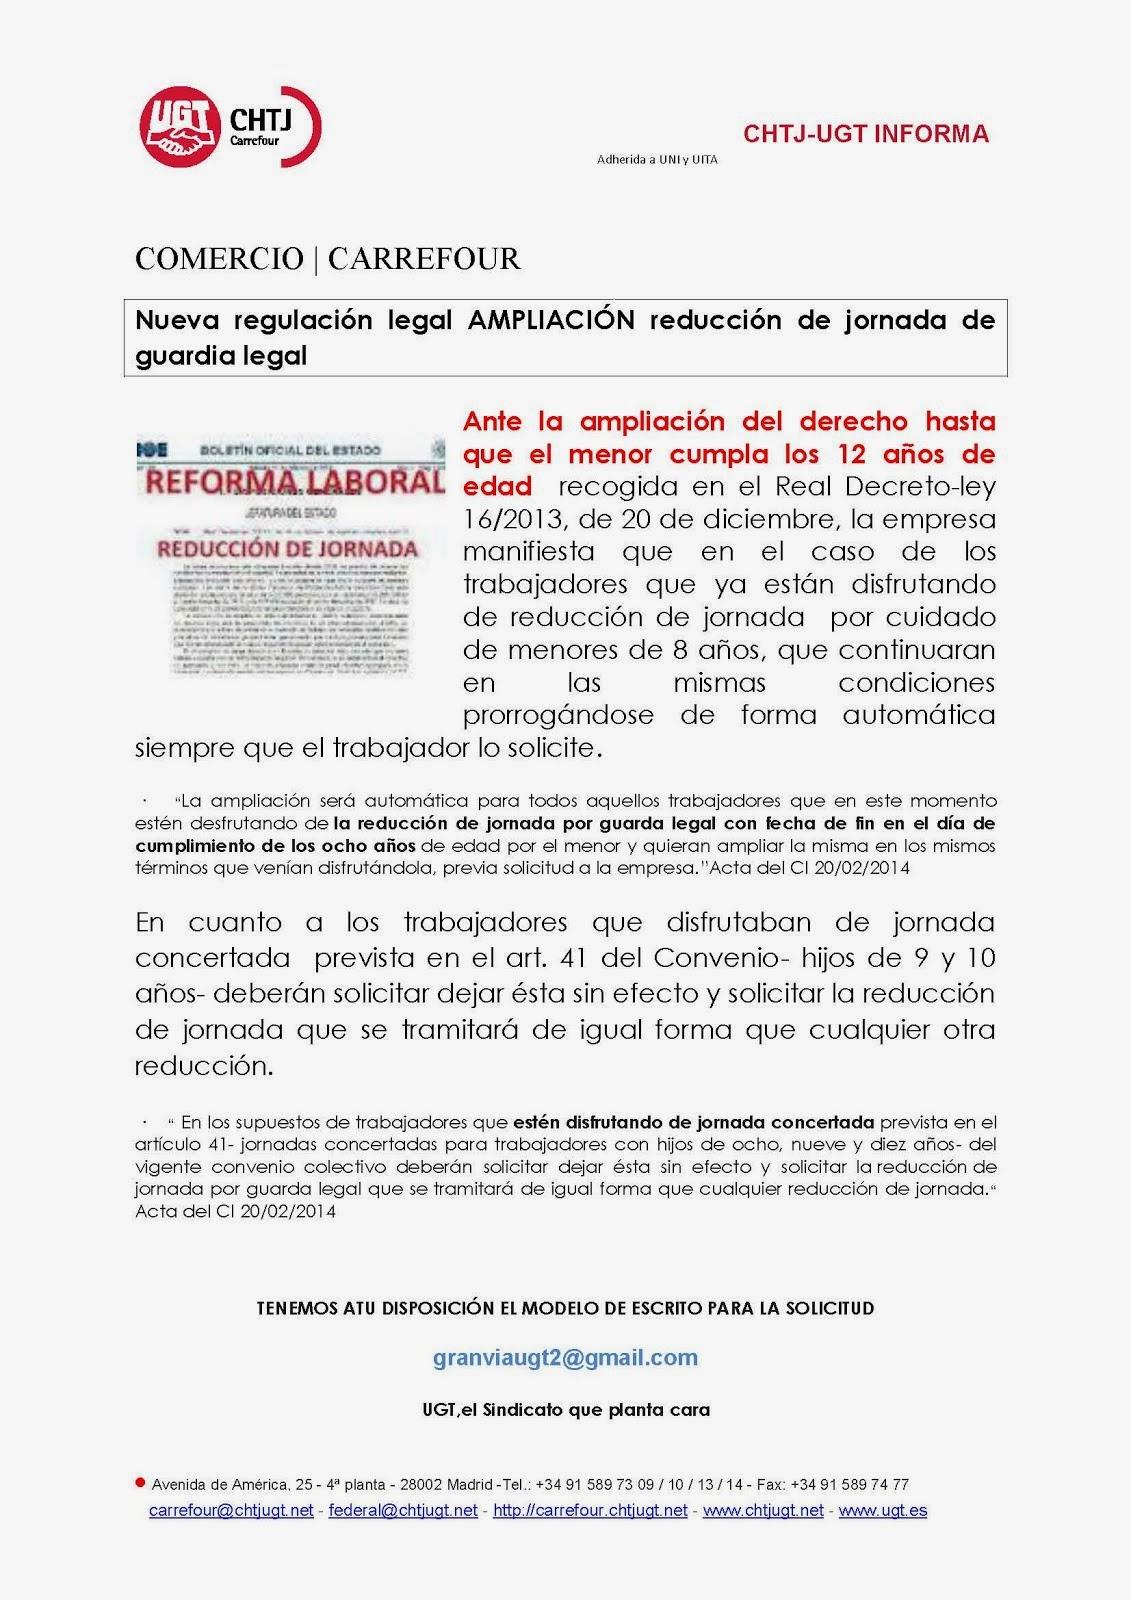 REDUCCIONES JORNADA EN cARREFOUR